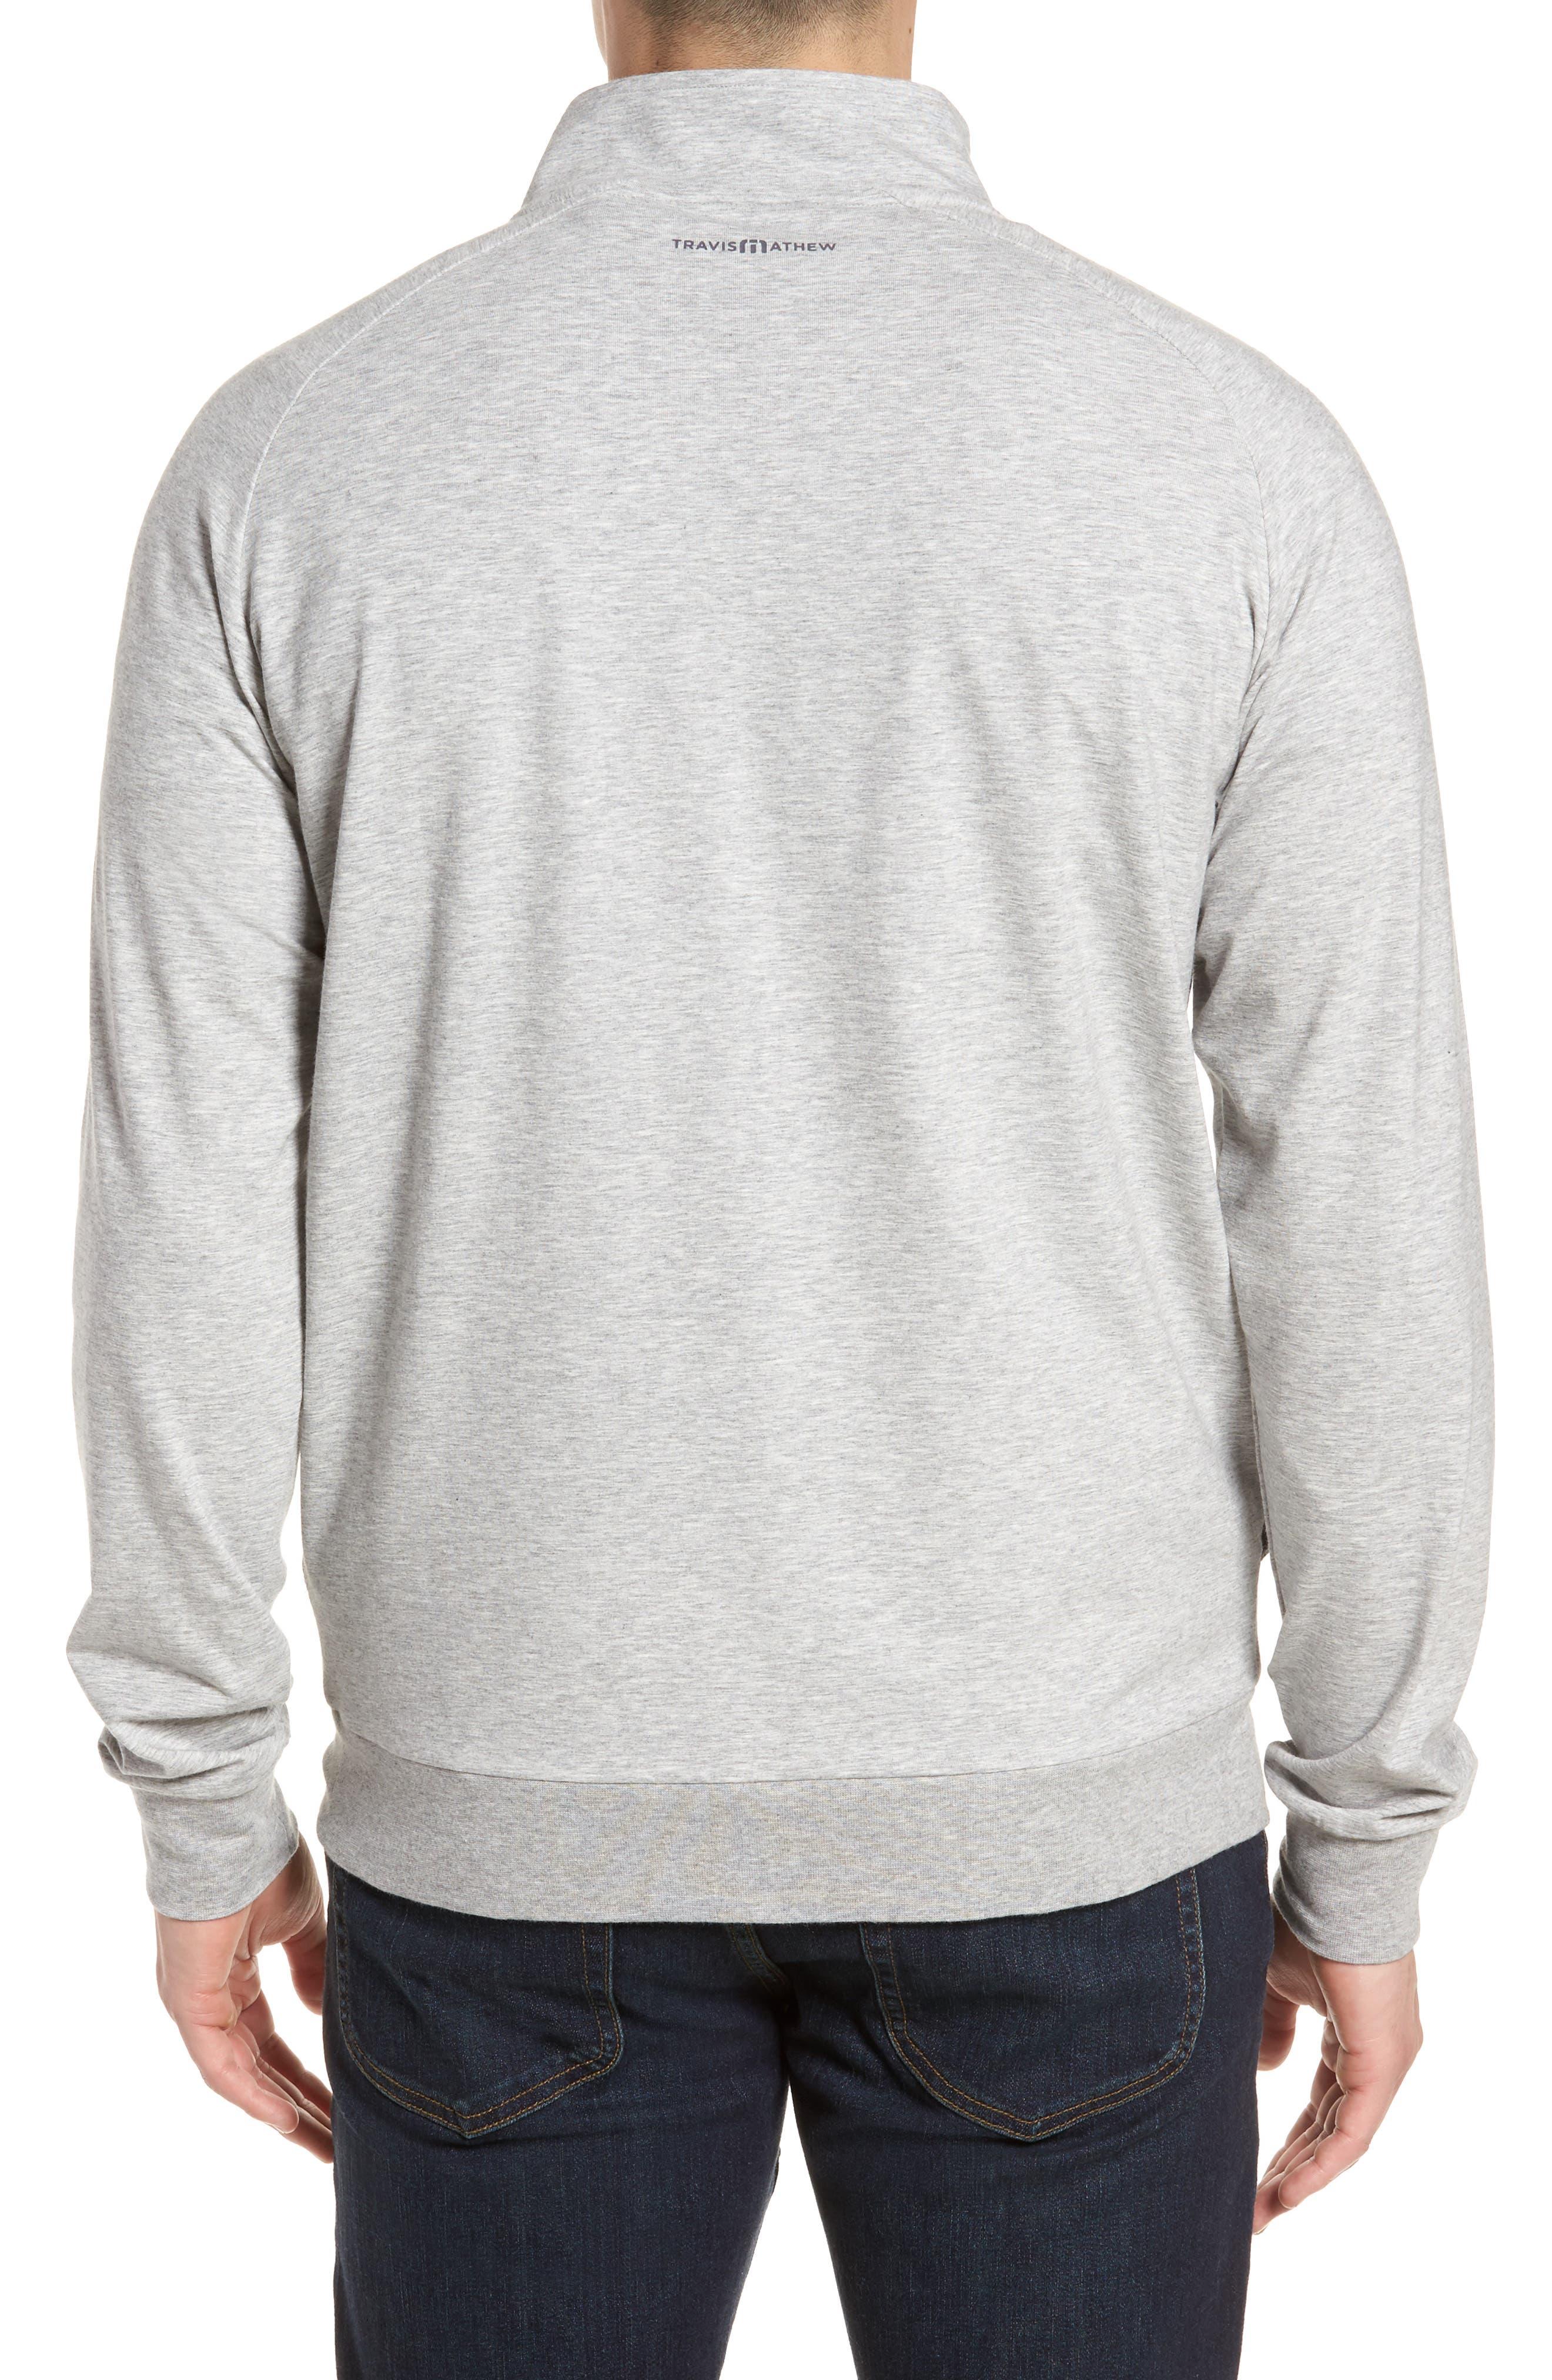 'Strange Love' Trim Fit Wrinkle Resistant Quarter Zip Jacket,                             Alternate thumbnail 2, color,                             020